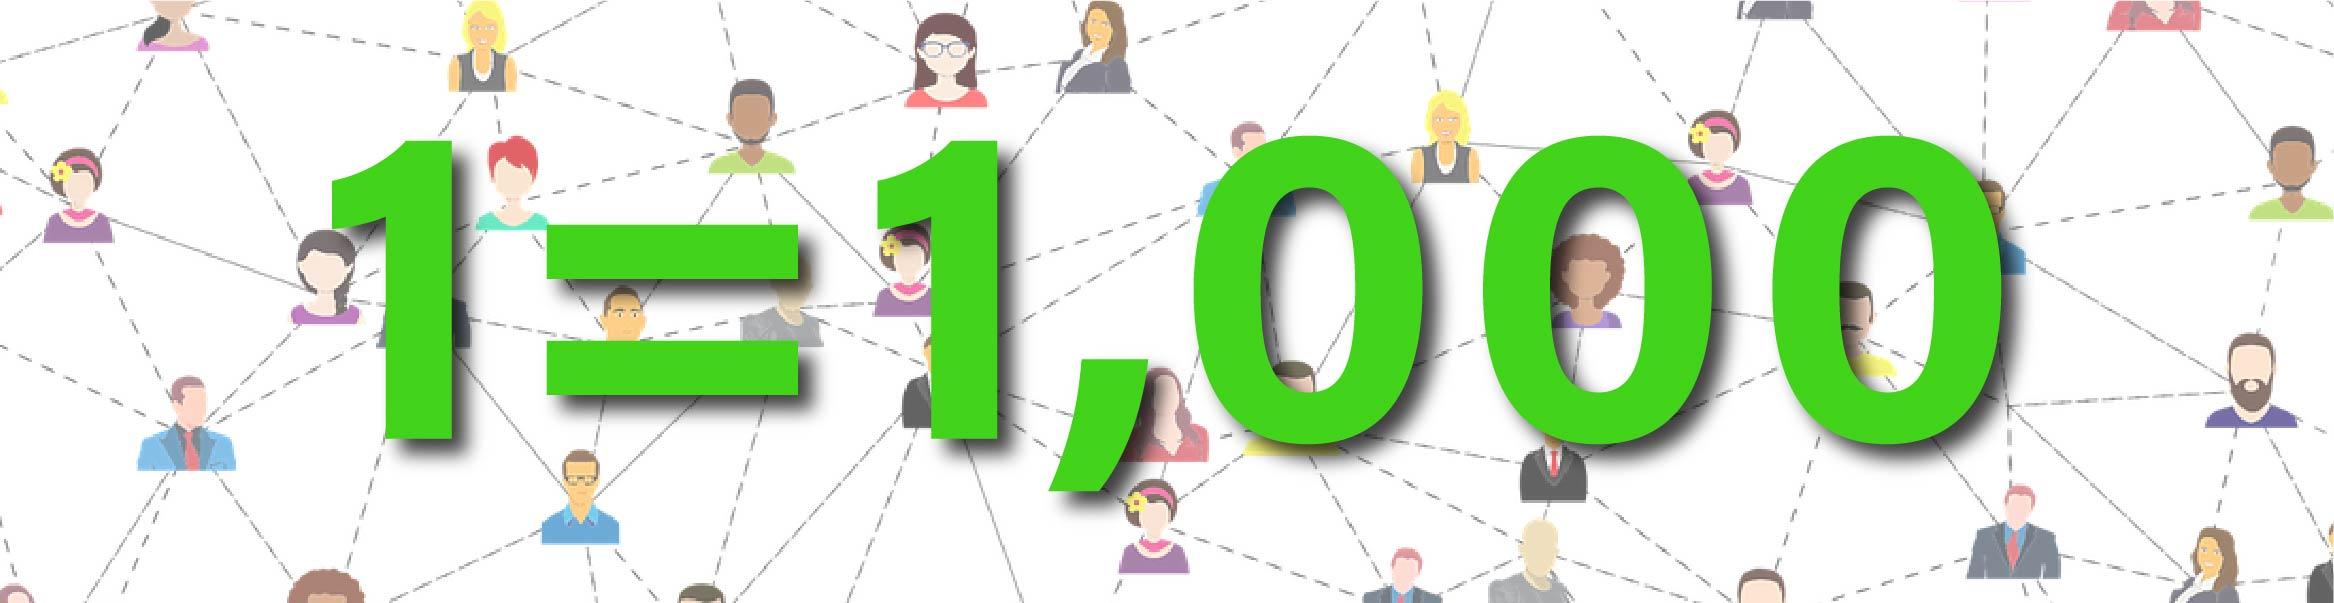 1 equals 1000